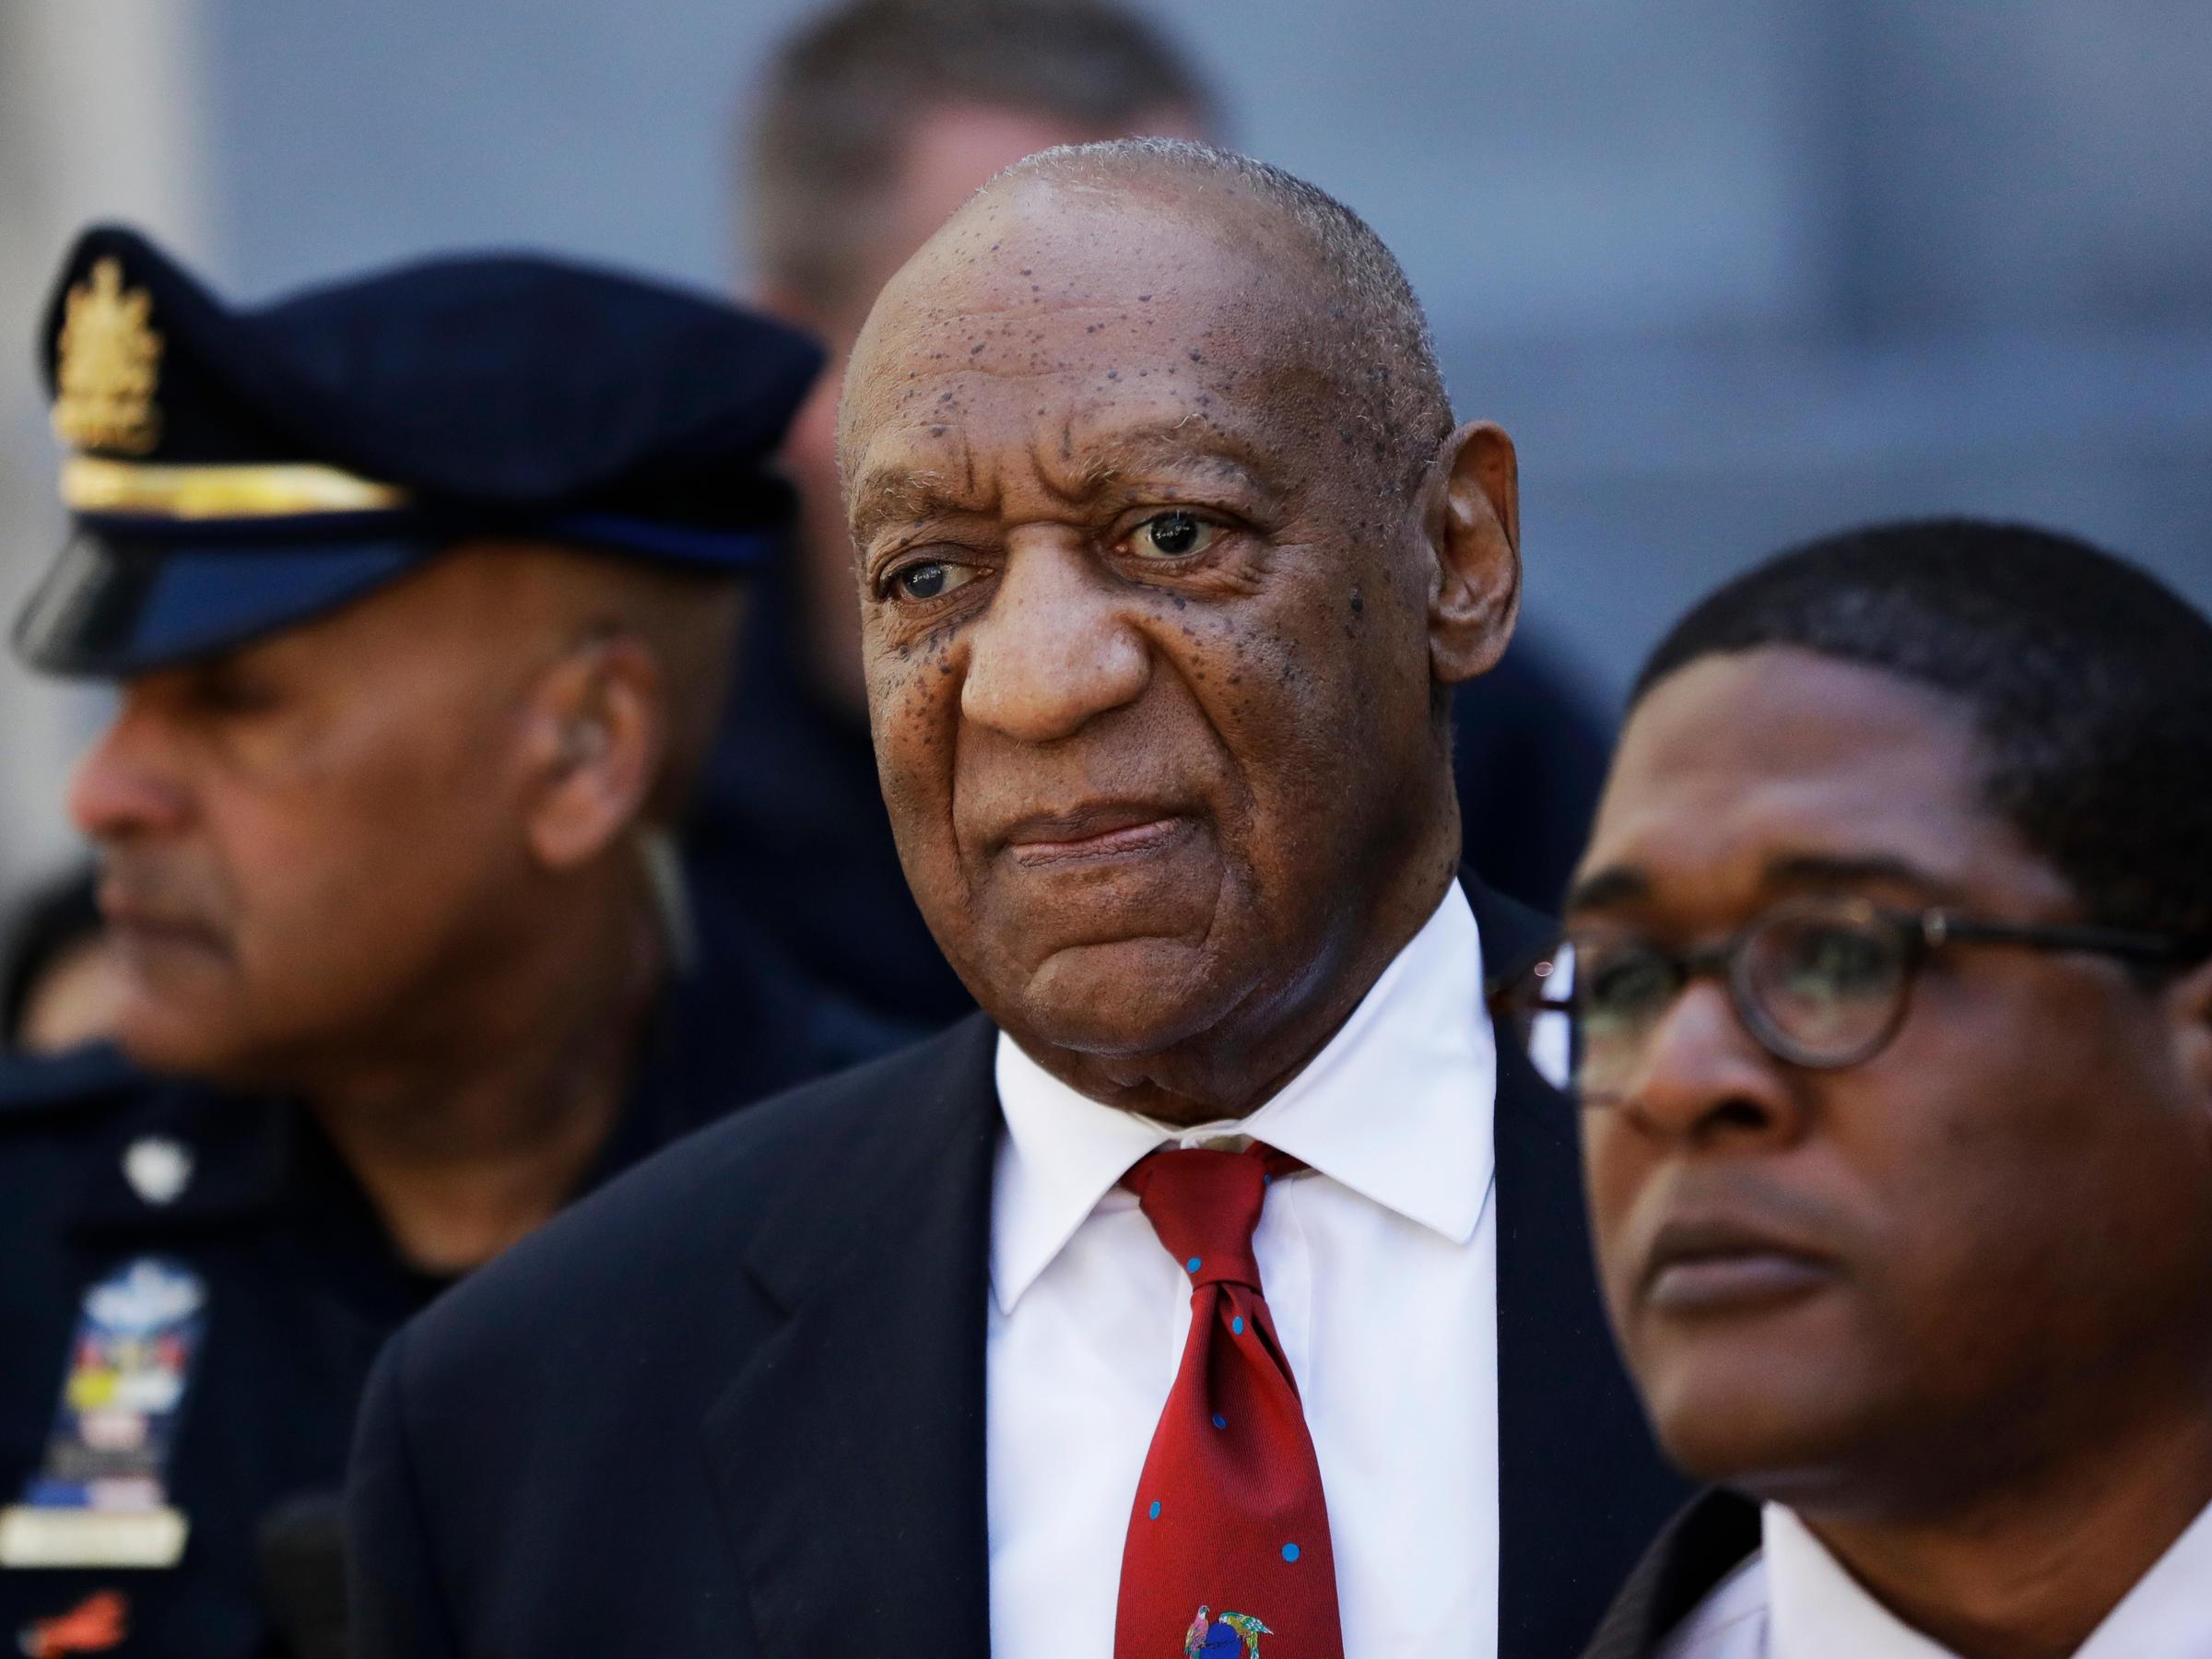 Yale University revokes Cosby's honorary degree